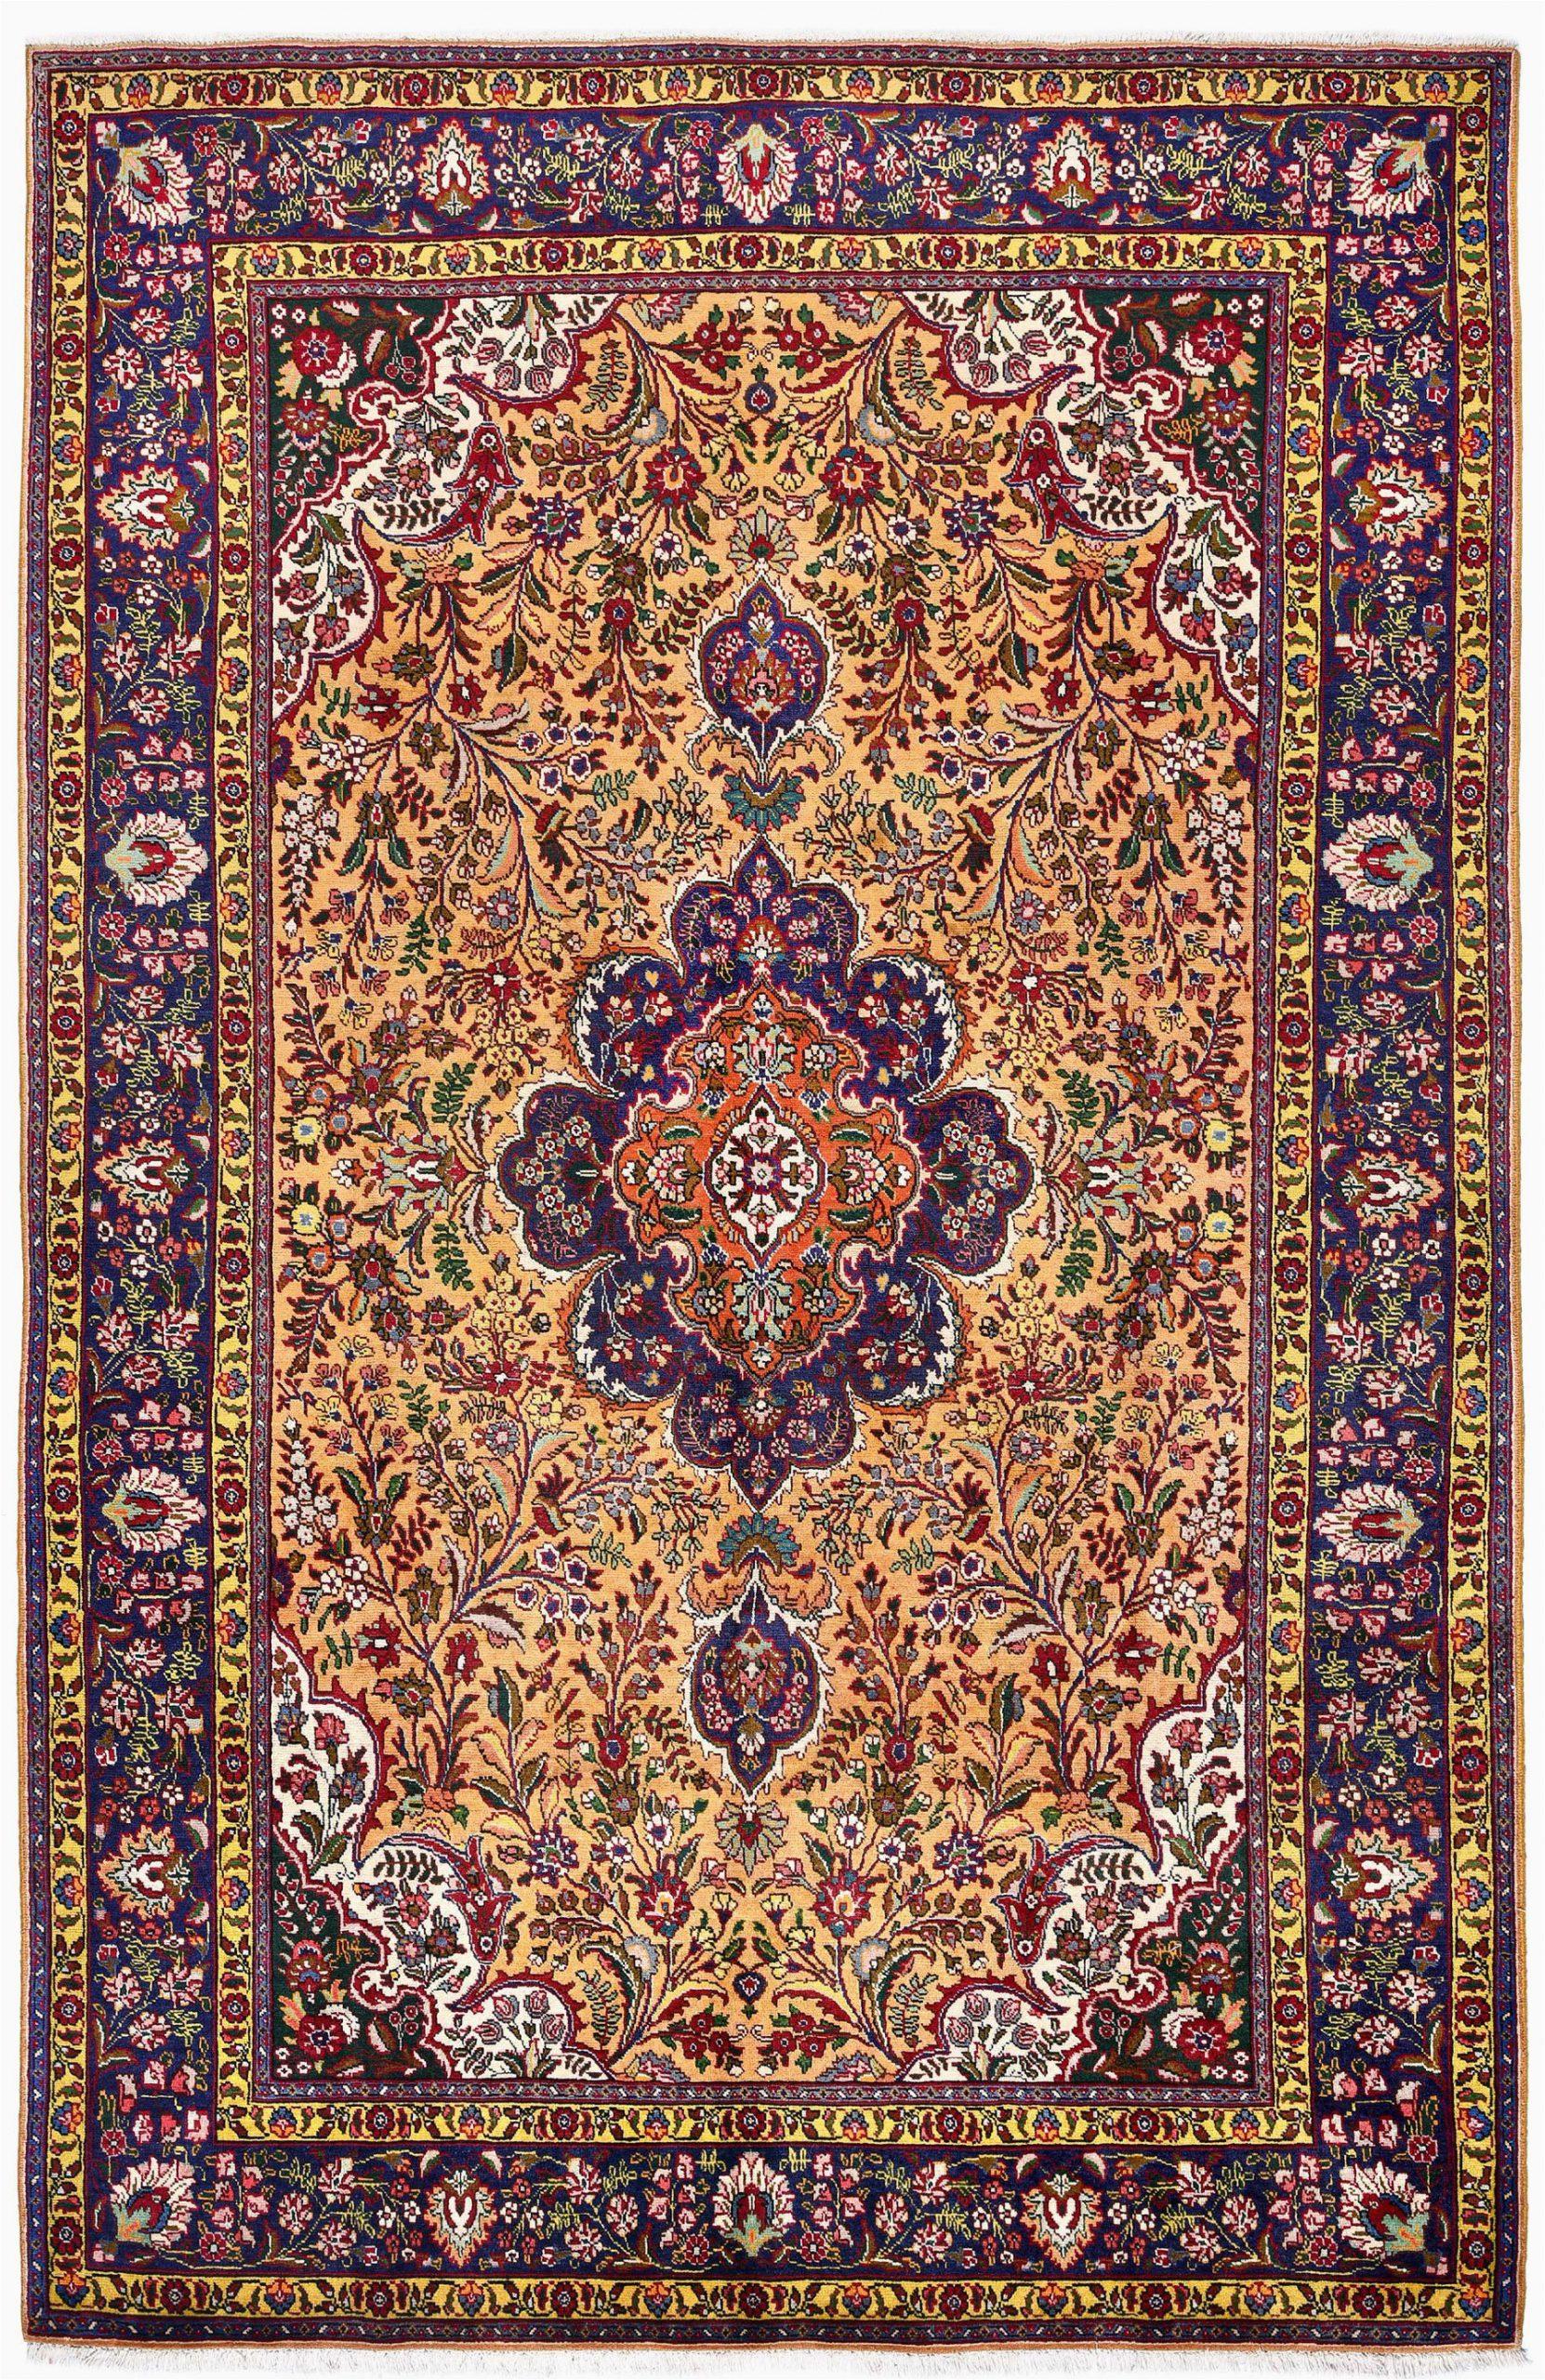 golden tabriz rug gold persian carpet for sale 2x3m dr401